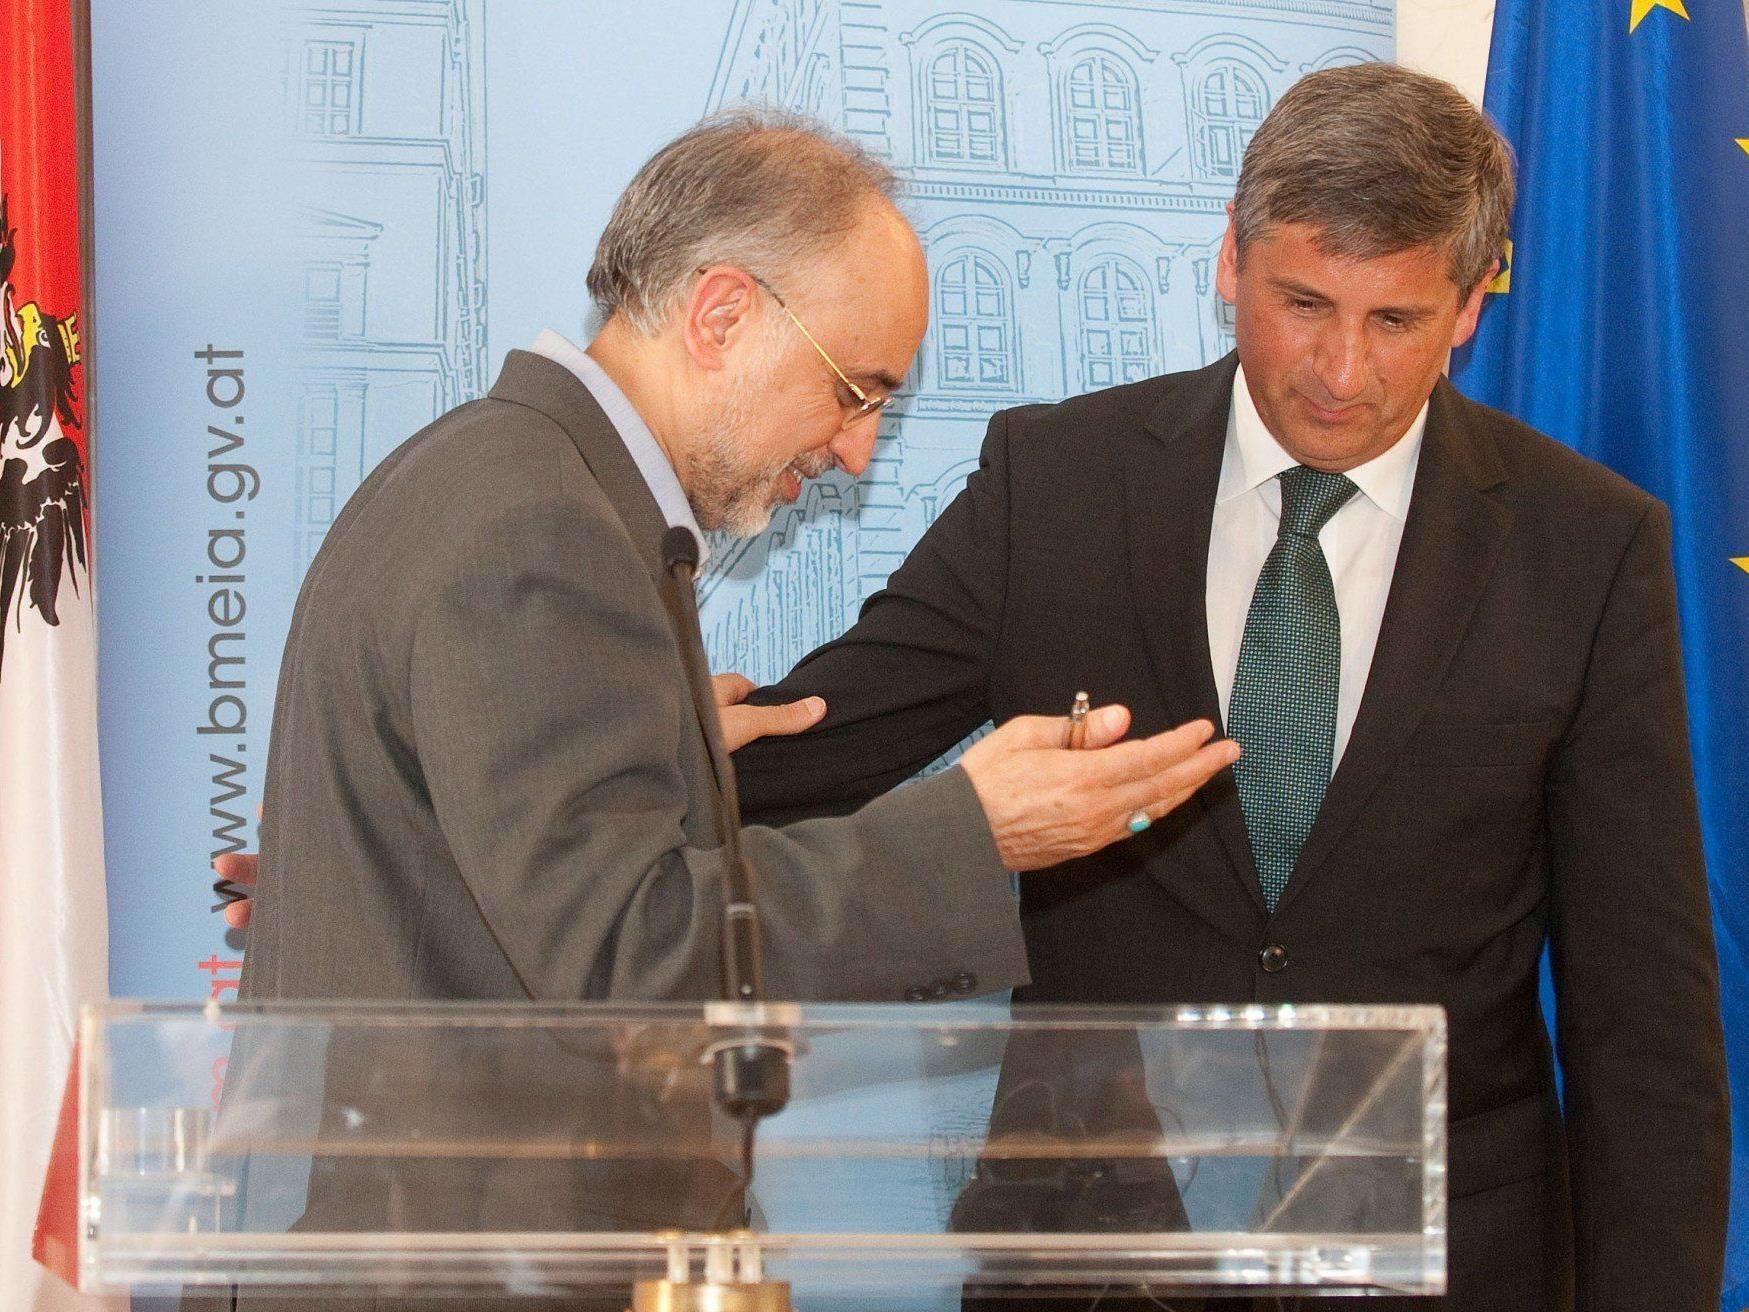 Außenminister Michael Spindelegger (r) und der iranische Außenminister Ali Akbar Salehi.